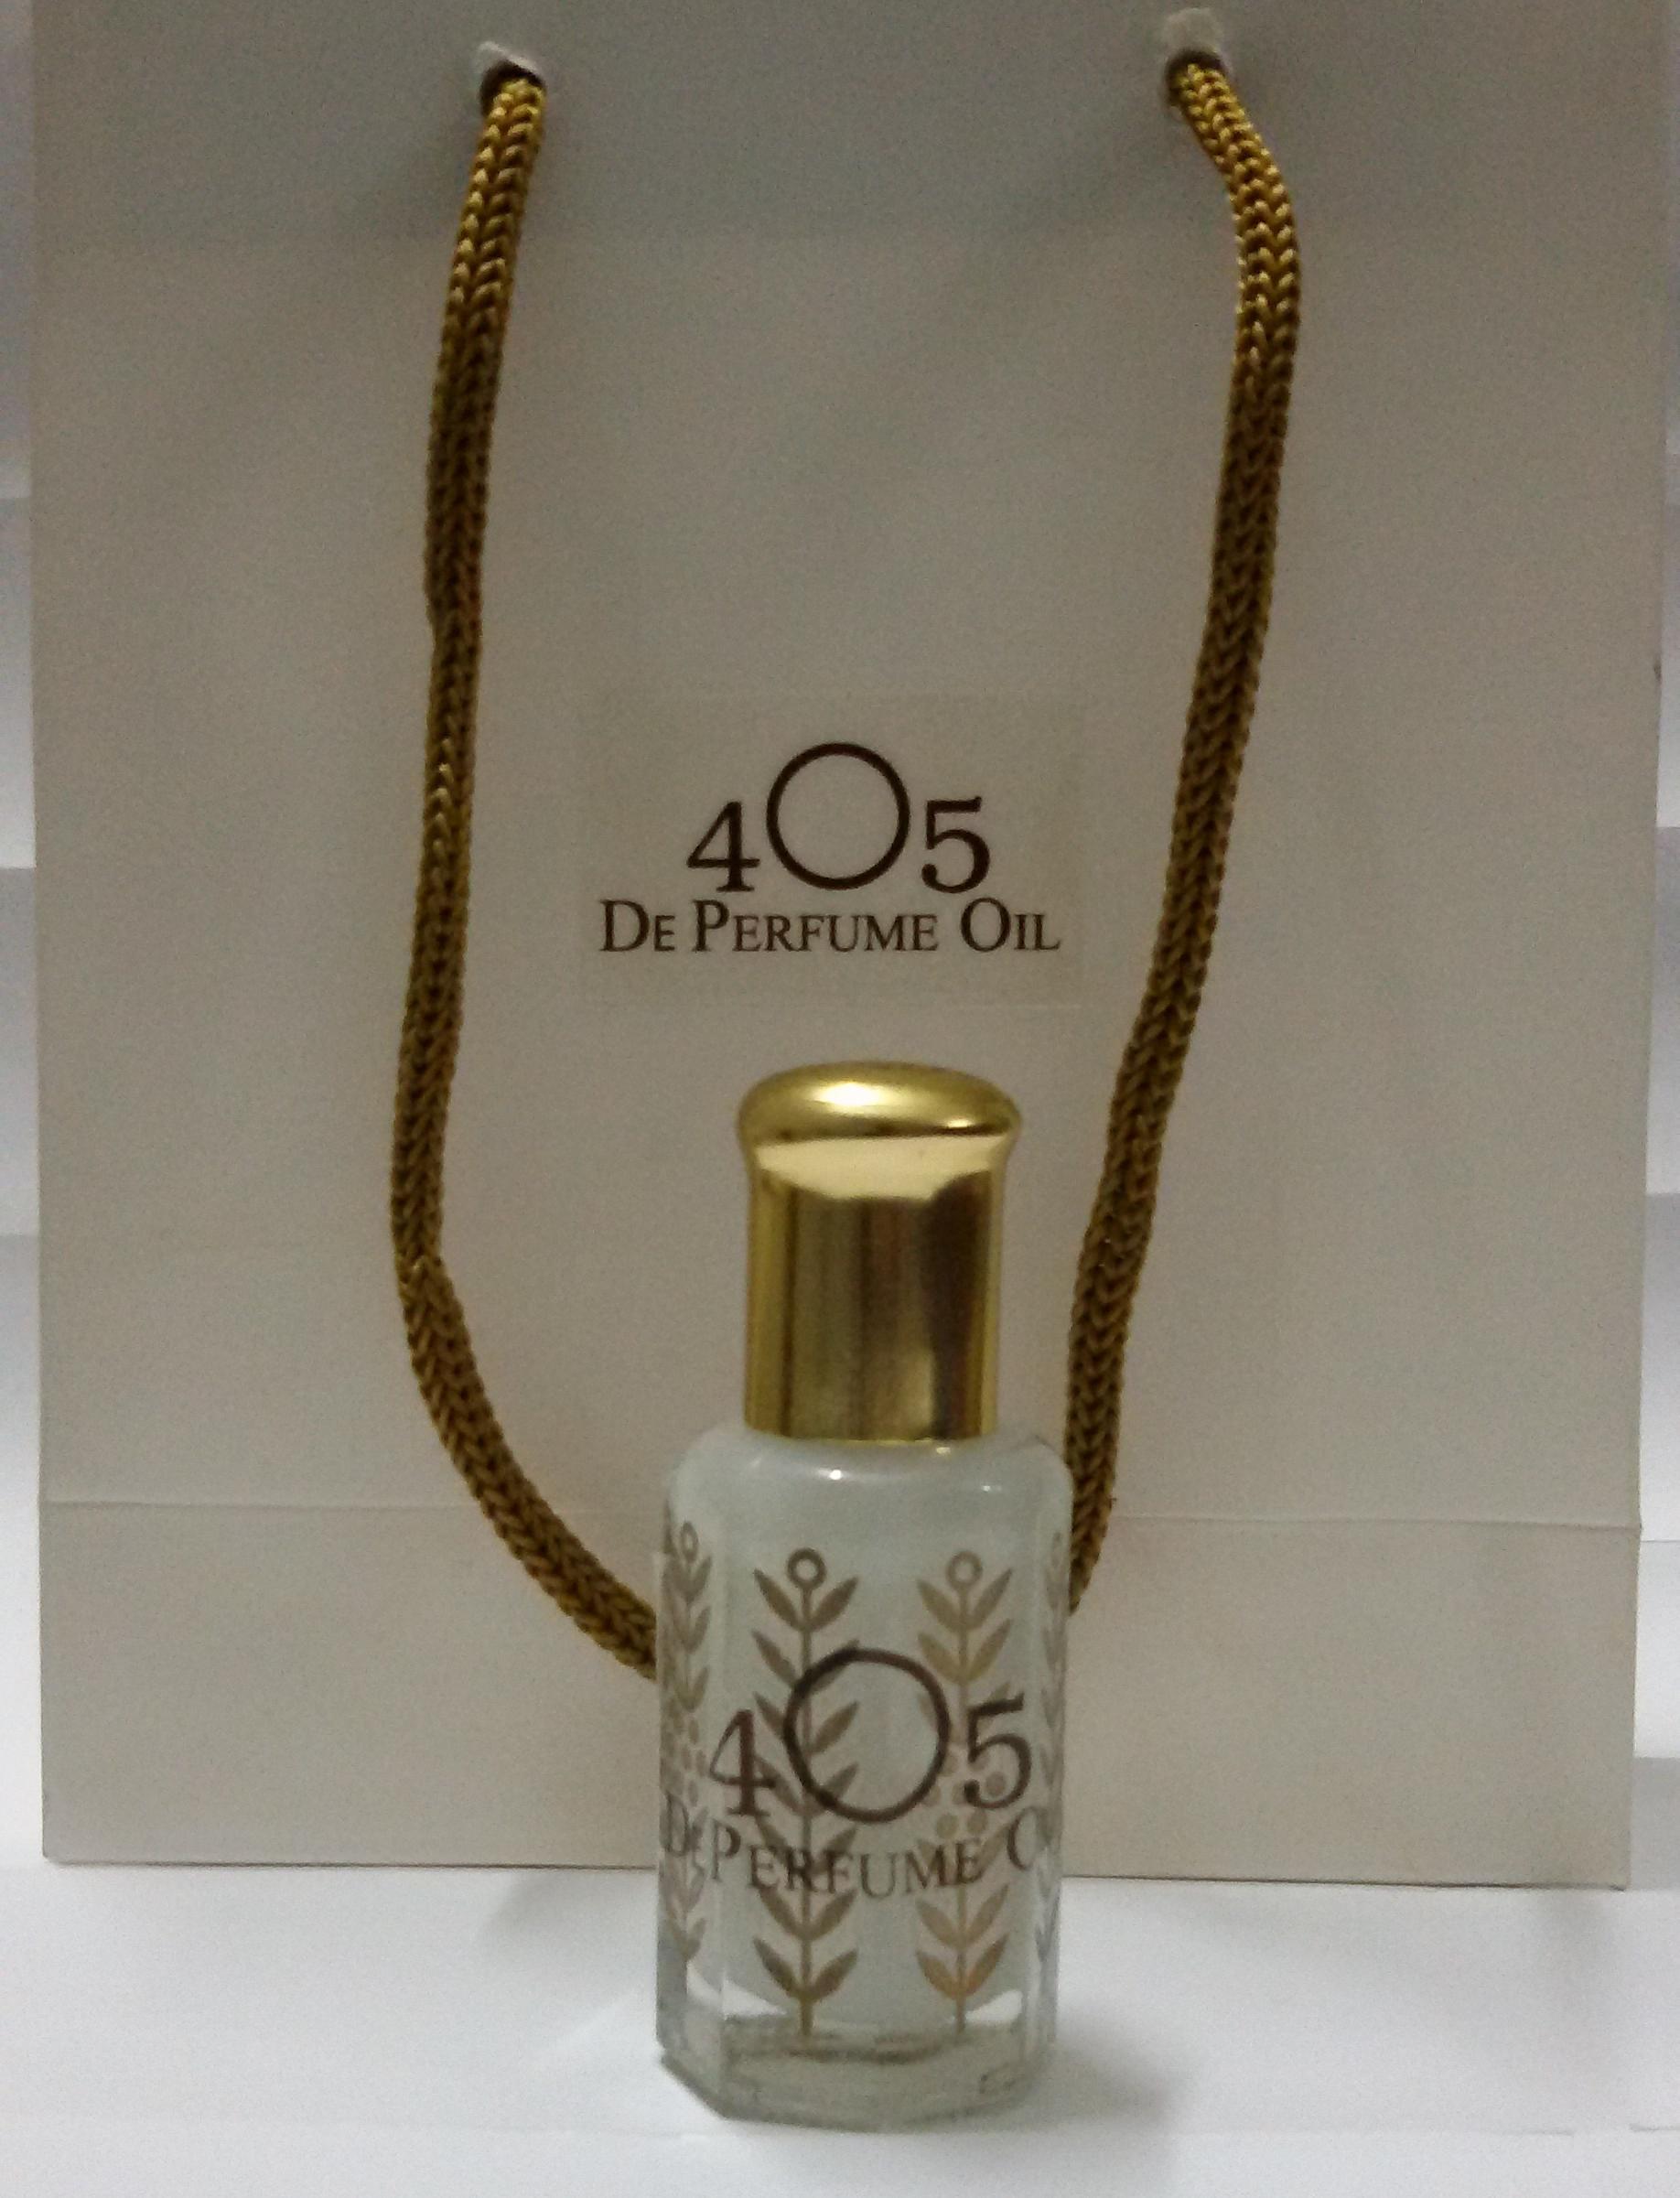 น้ำหอมไวท์มัสก์ White Musk Perfume Oil by 405 ขนาด 12 มล.